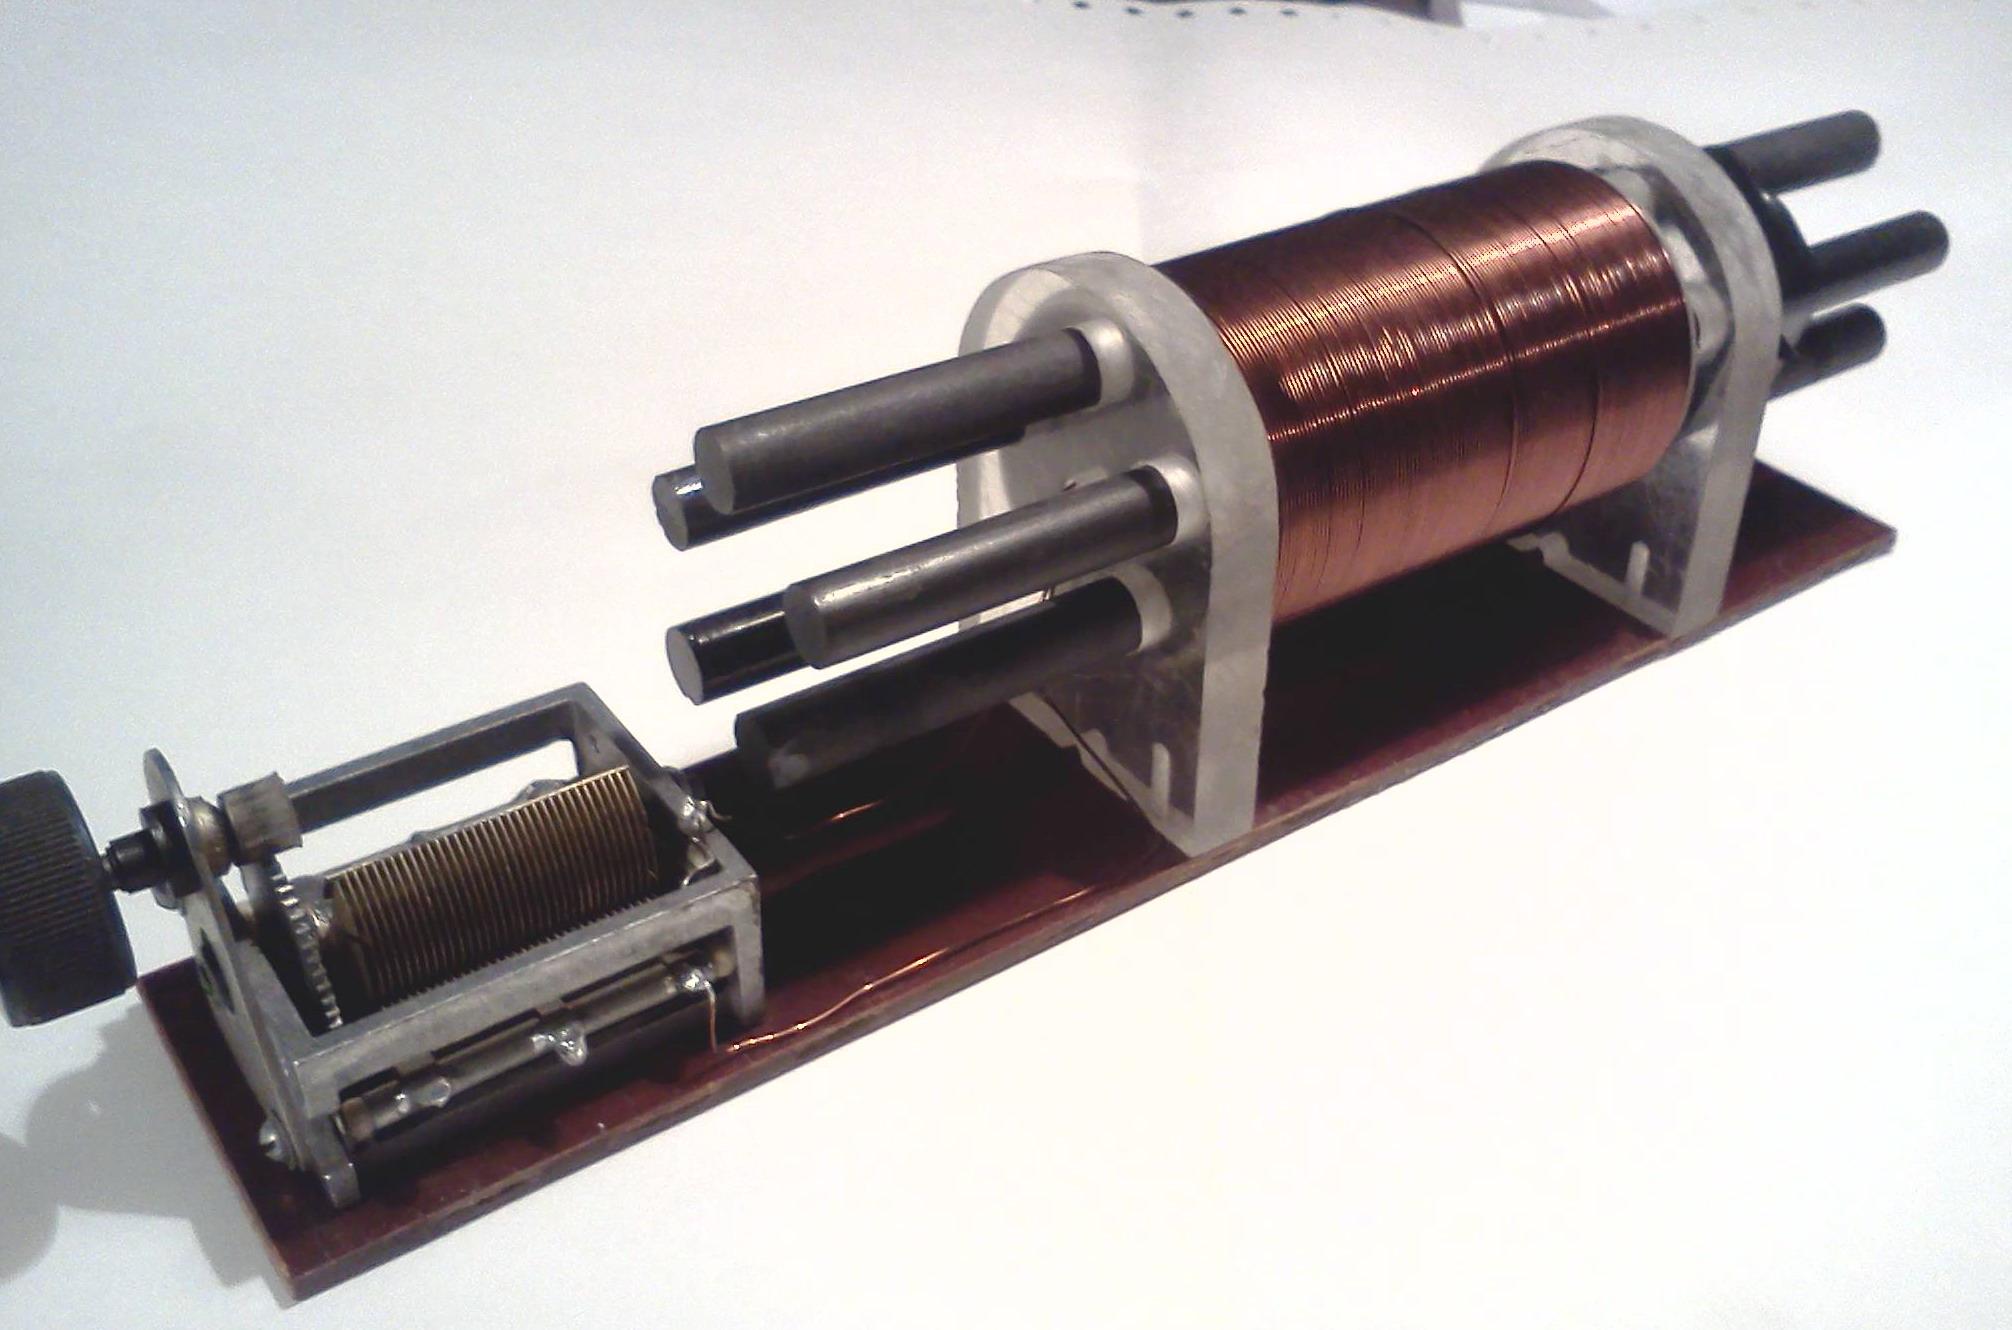 Кабель из коаксиала необходим для монтажа и настройки антенны